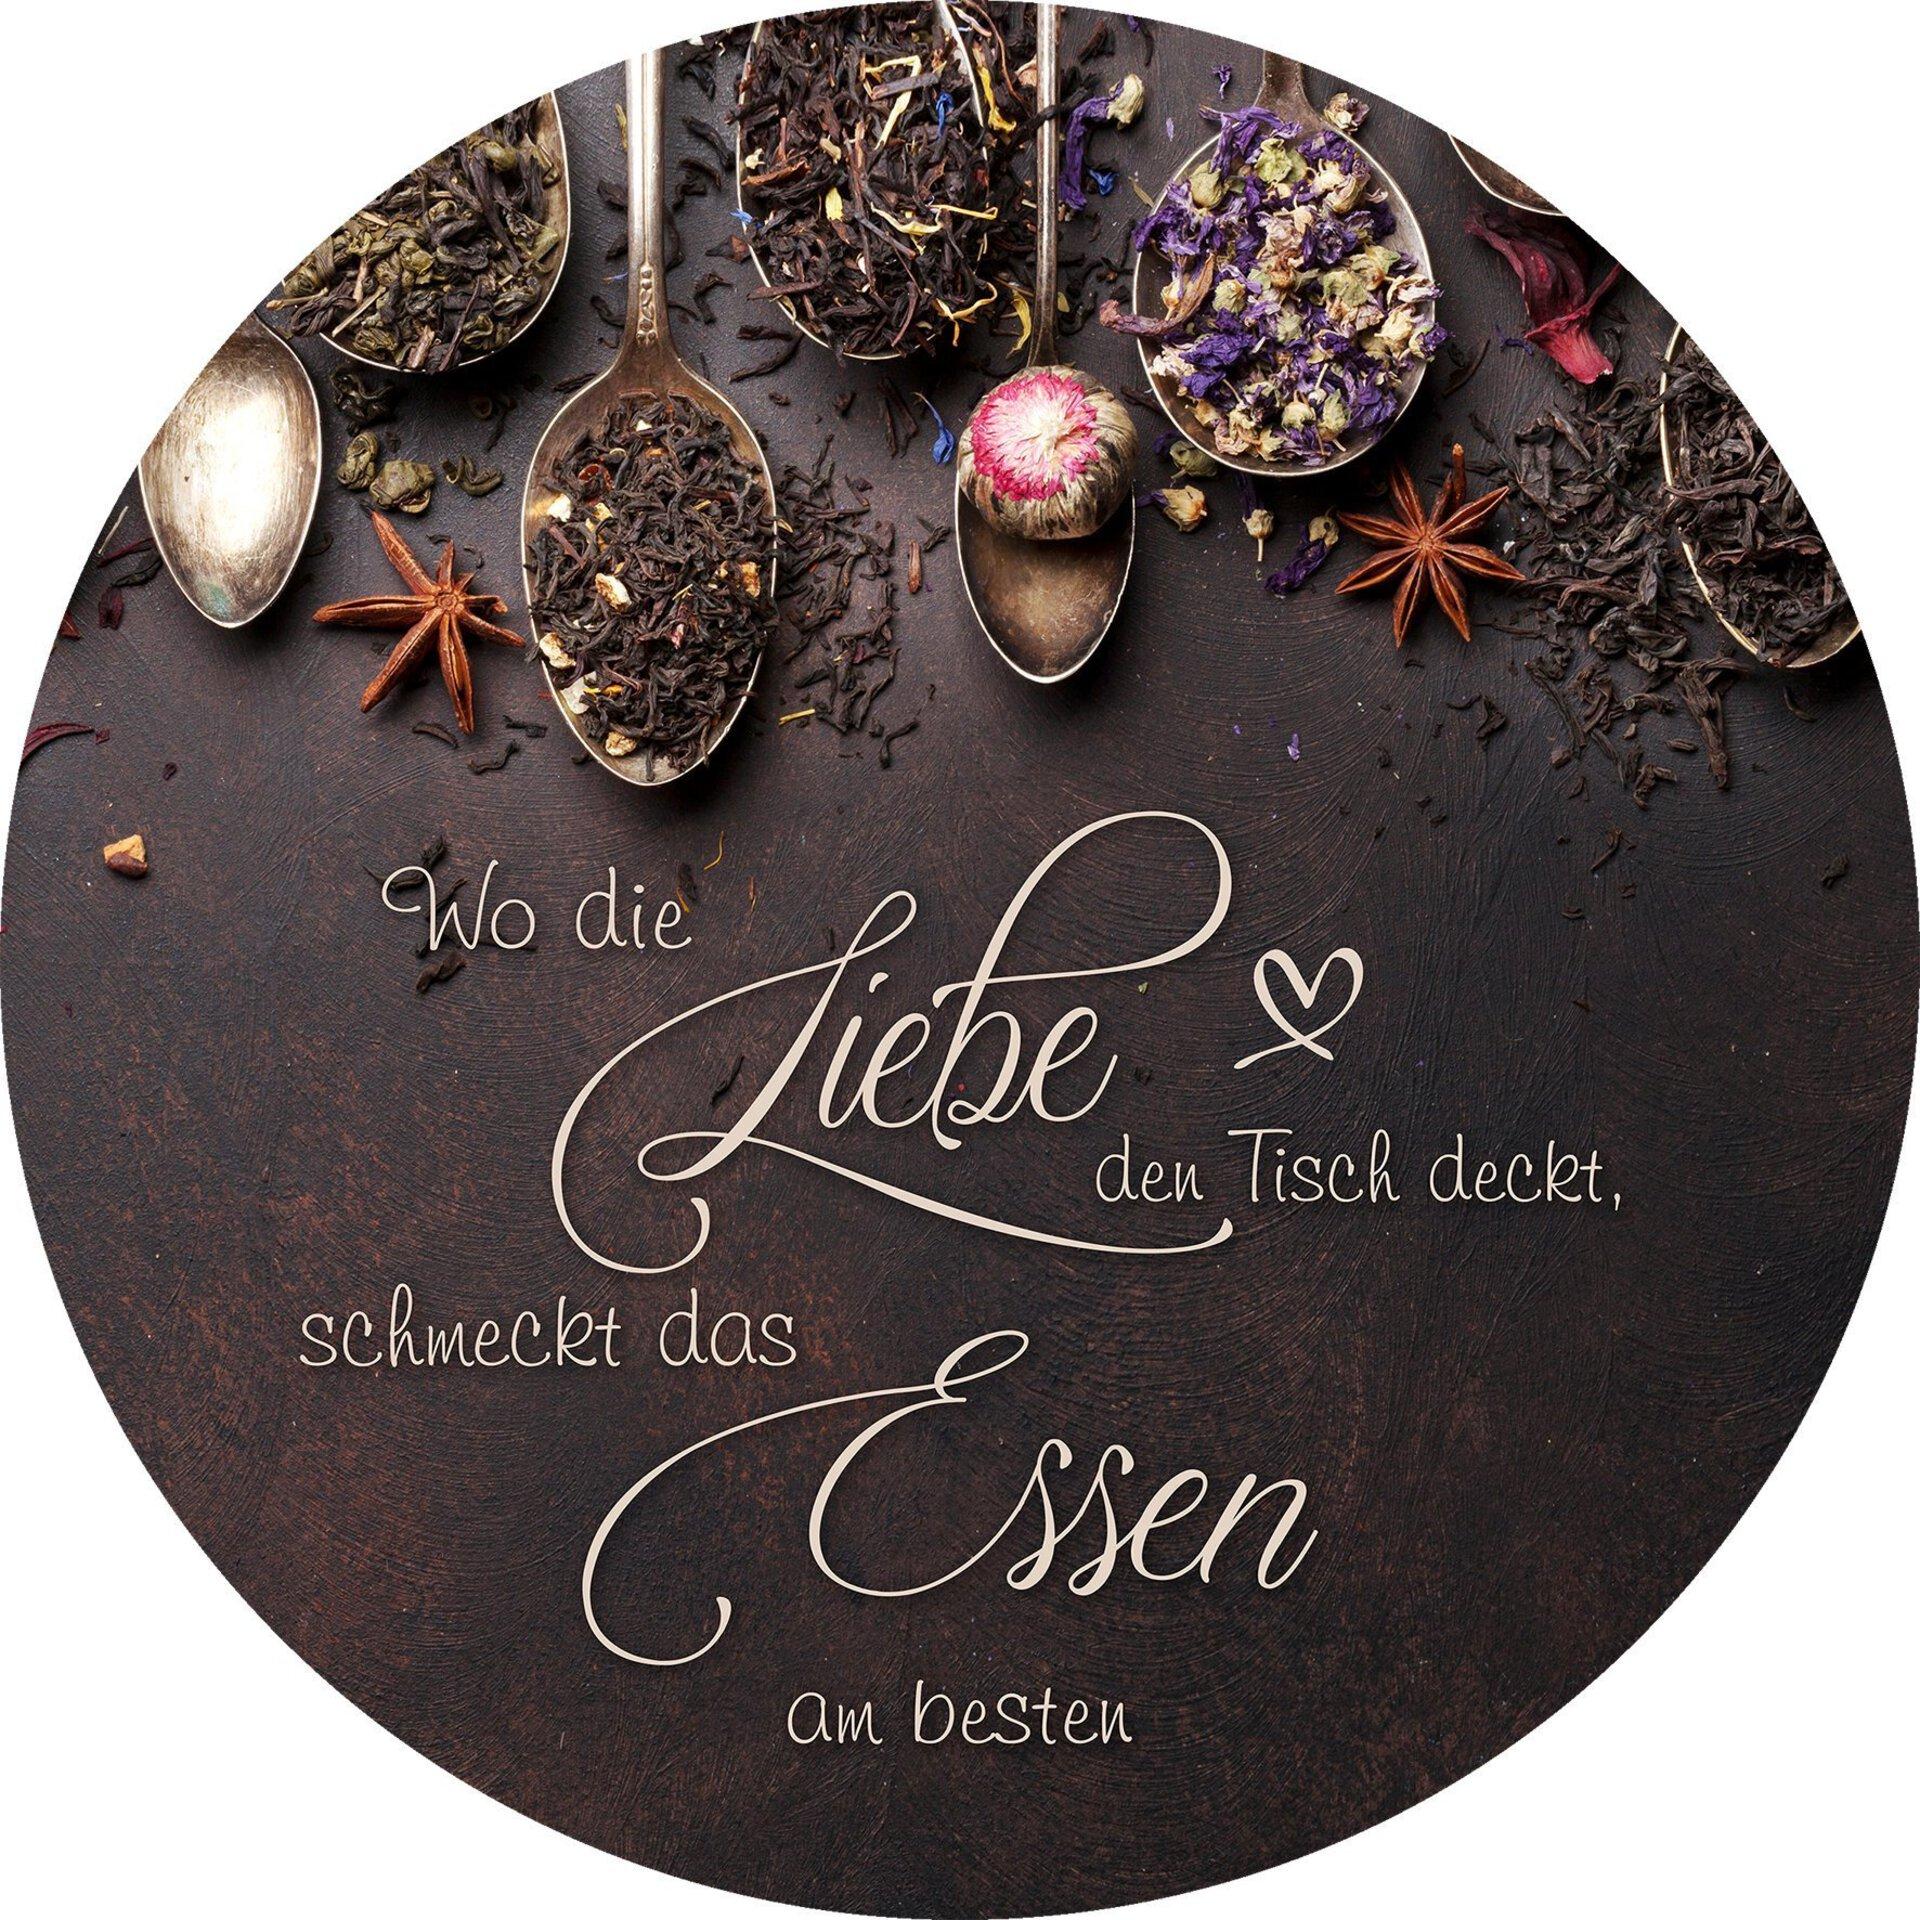 Bild Liebe & Essen Pro-Art Glas mehrfarbig 30 x 30 x 1 cm